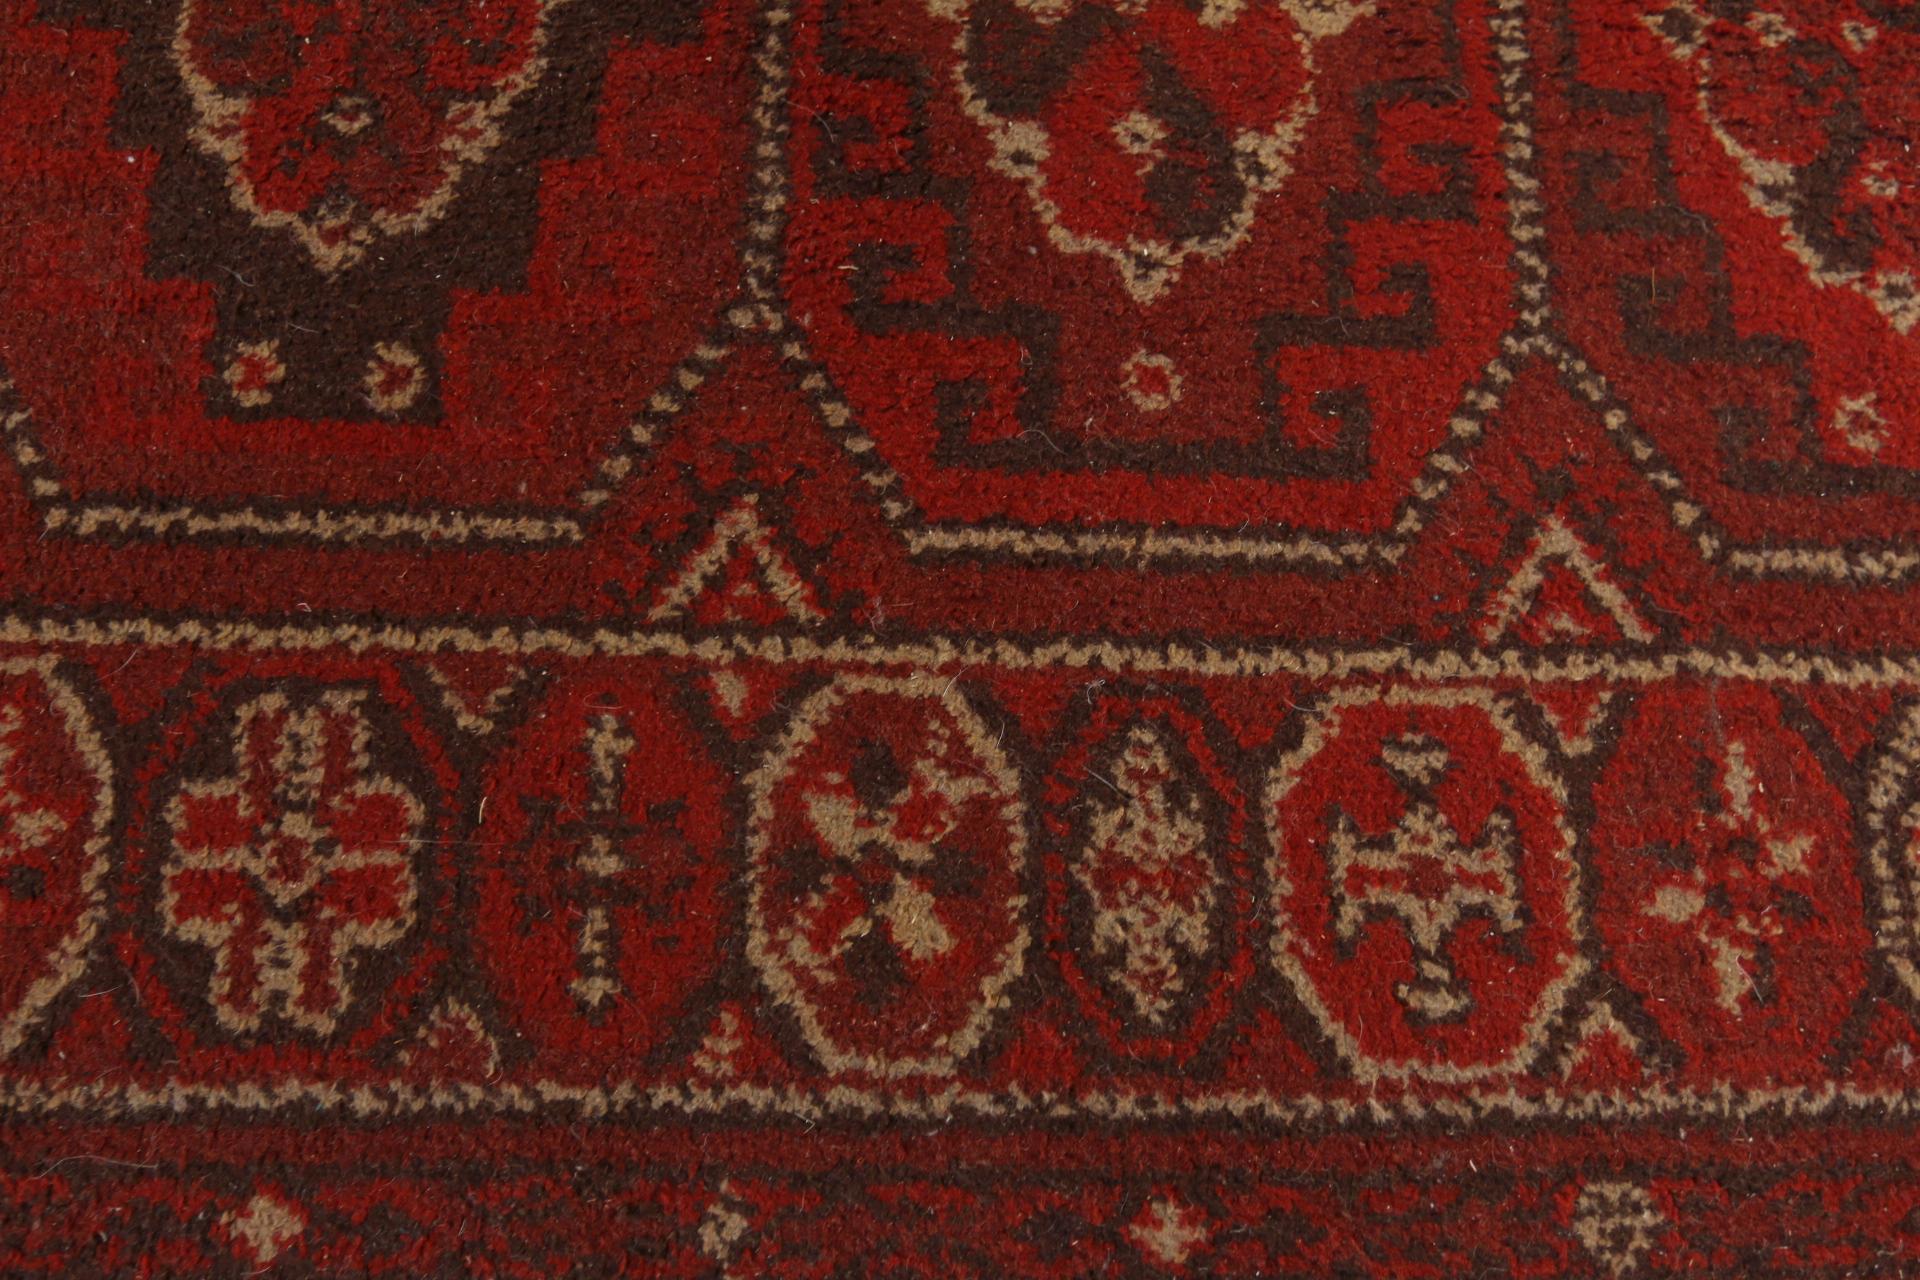 vintage art deco tapijt uit de jaren 30 40 mooie warme tinten en strakke vormen geweldig in een industrieel of eclectisch interieur